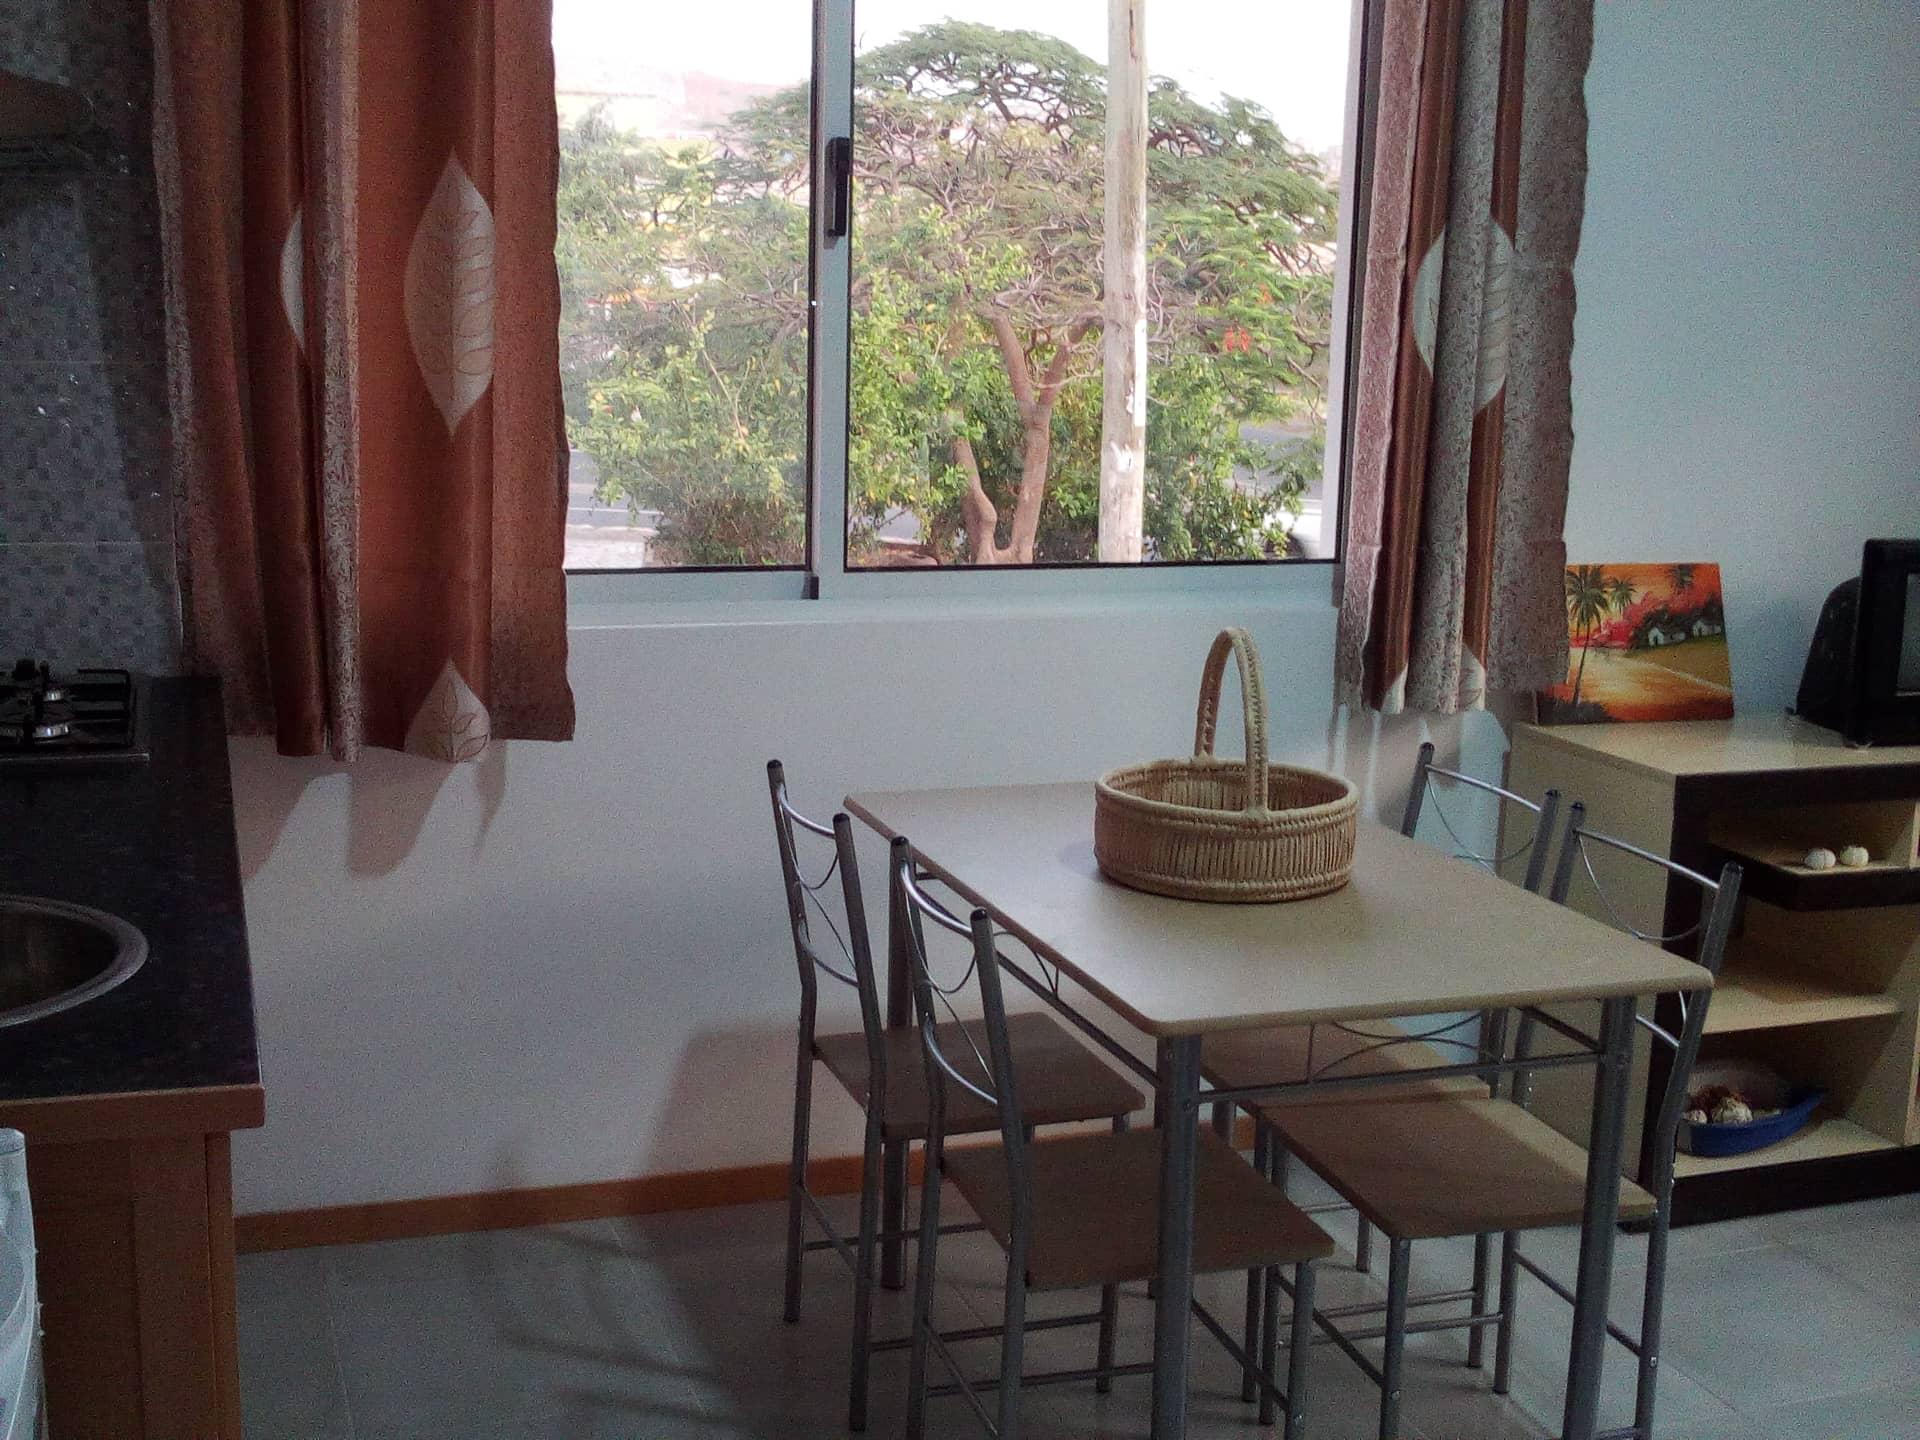 3 kitchen window